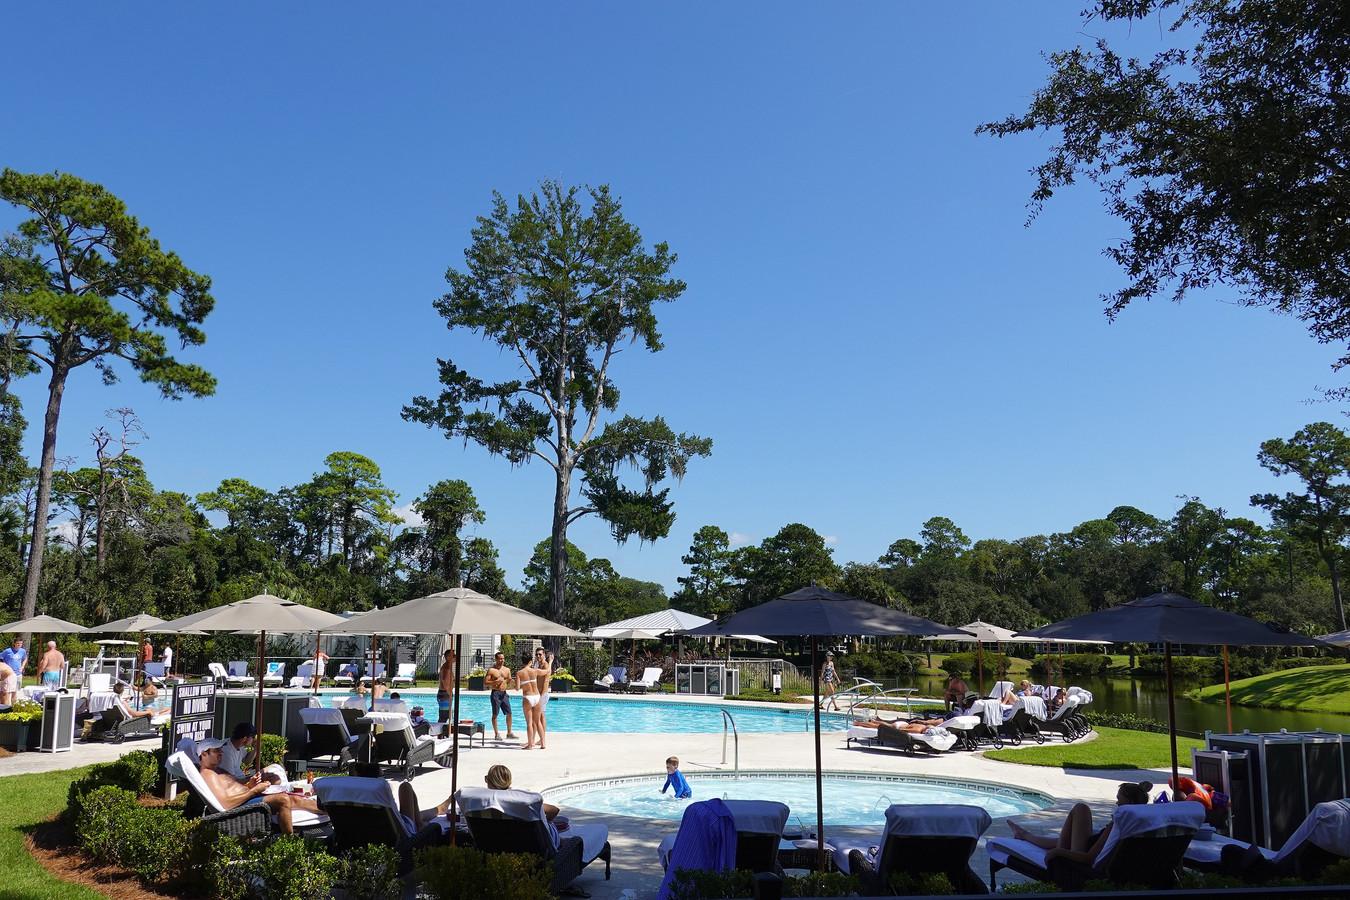 Er is uiteraard ook een prachtig zwembad om te verkoelen